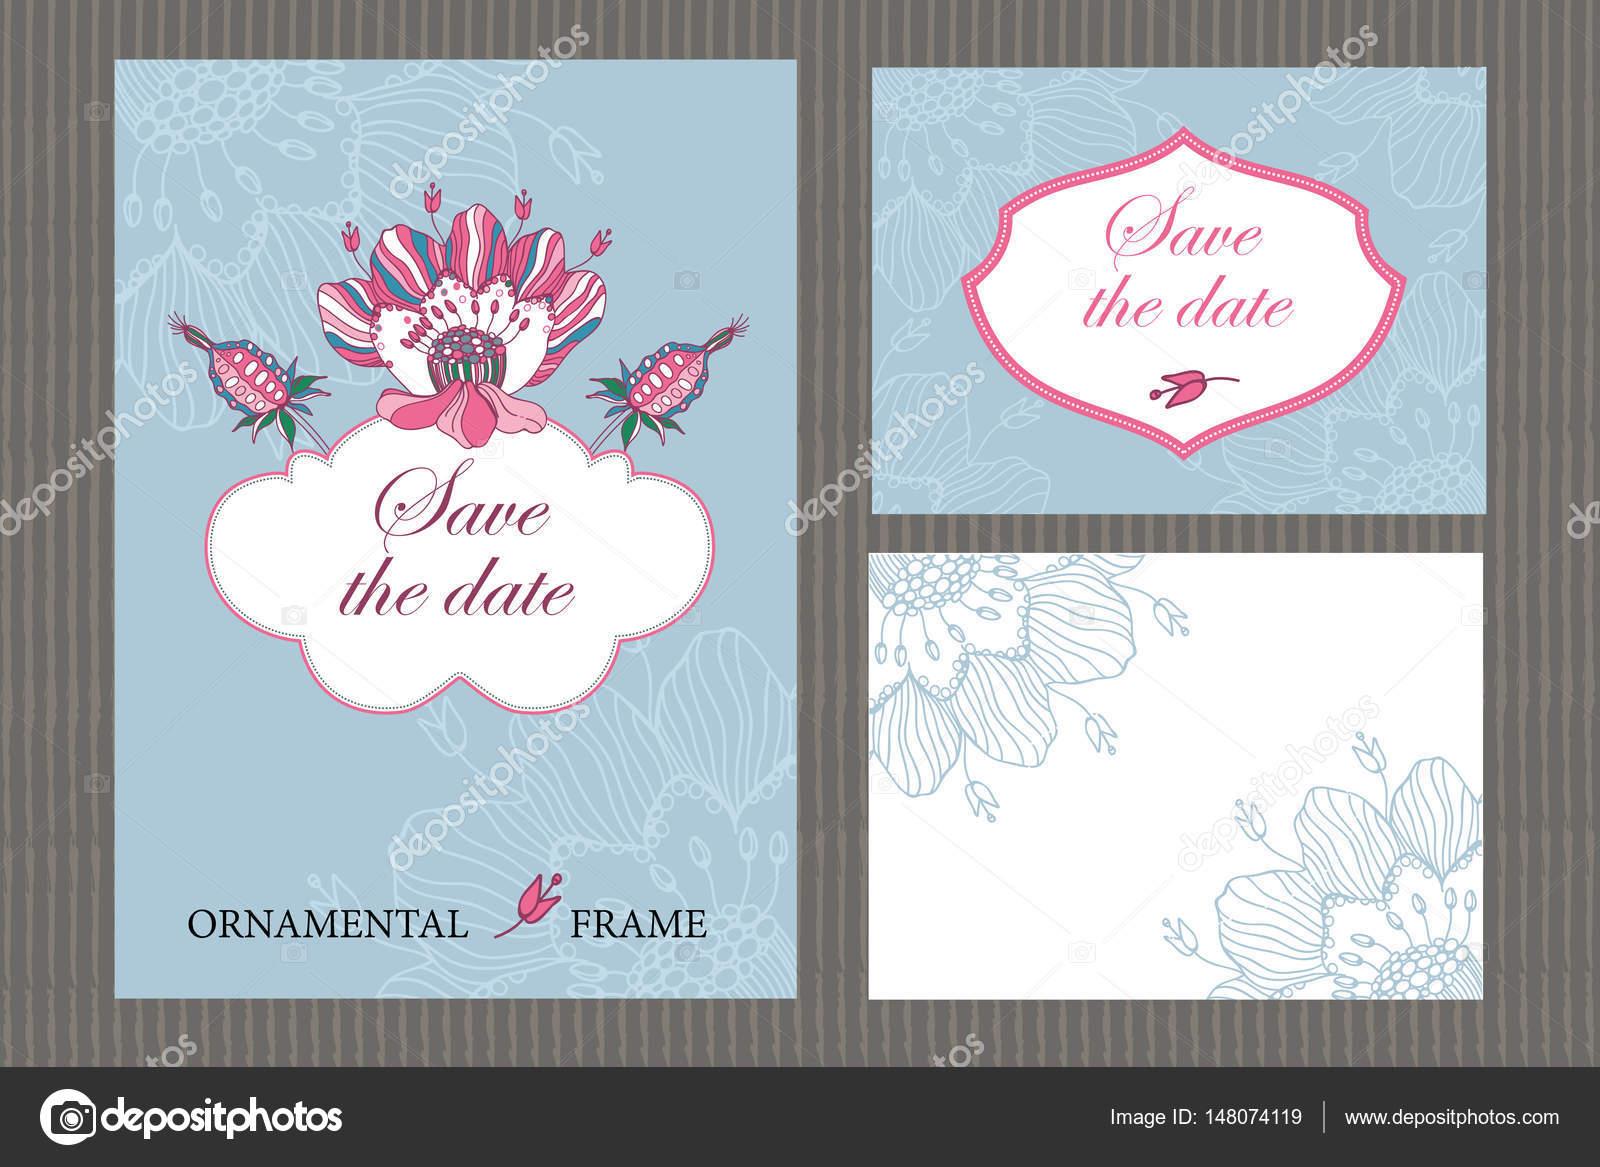 Einladungsvorlage Hochzeit, Einladung, Umschlag, Dankeskarte, Save Date Karten  U2014 Stockvektor